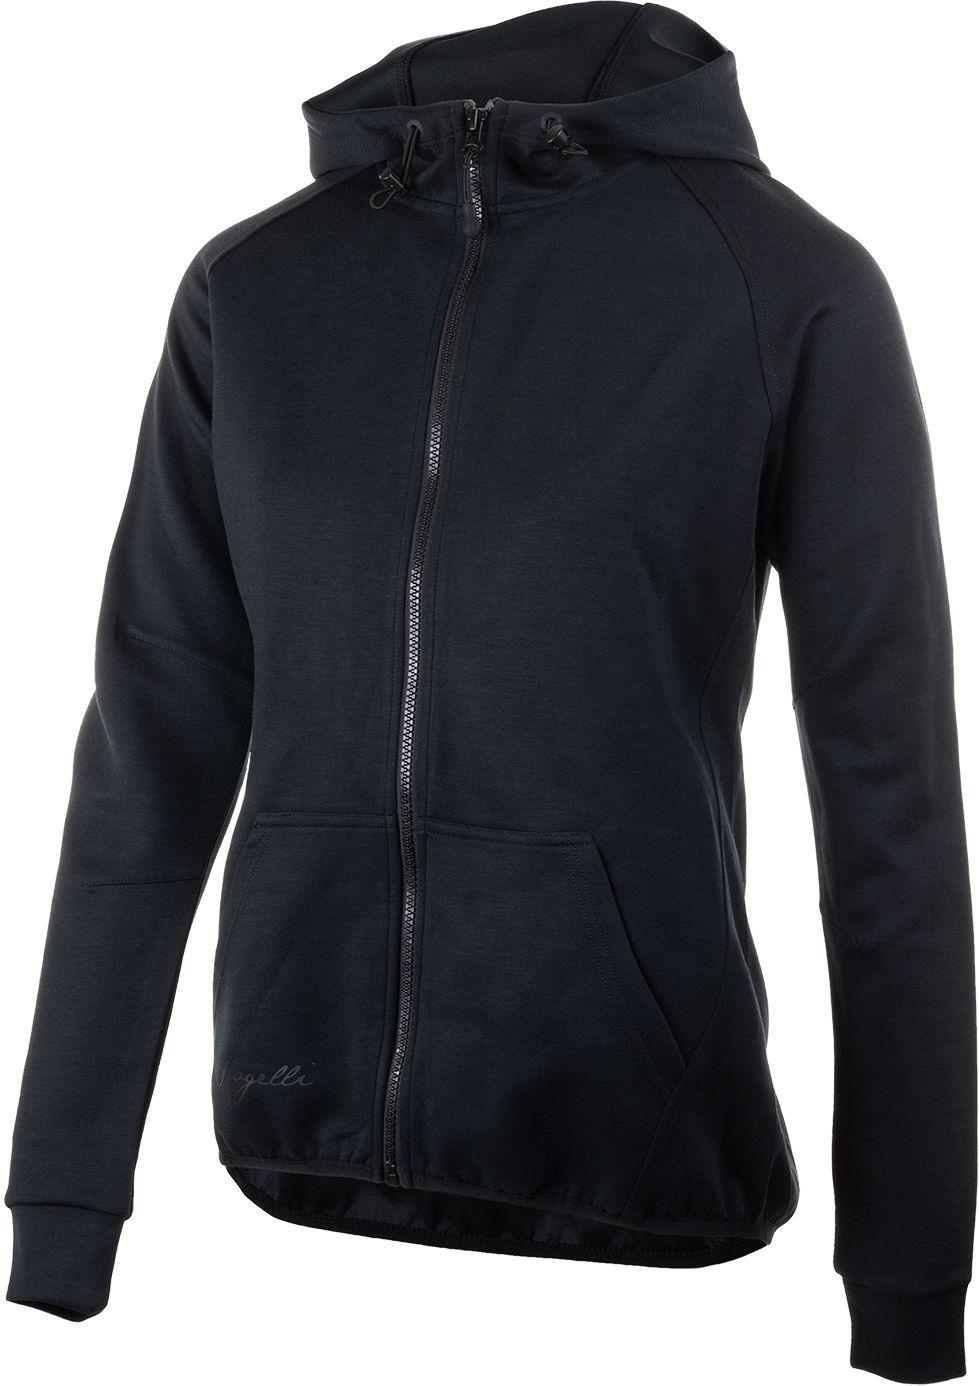 ROGELLI damska bluza z kapturem TRAINING czarna Rozmiar: XL,050.610.XL